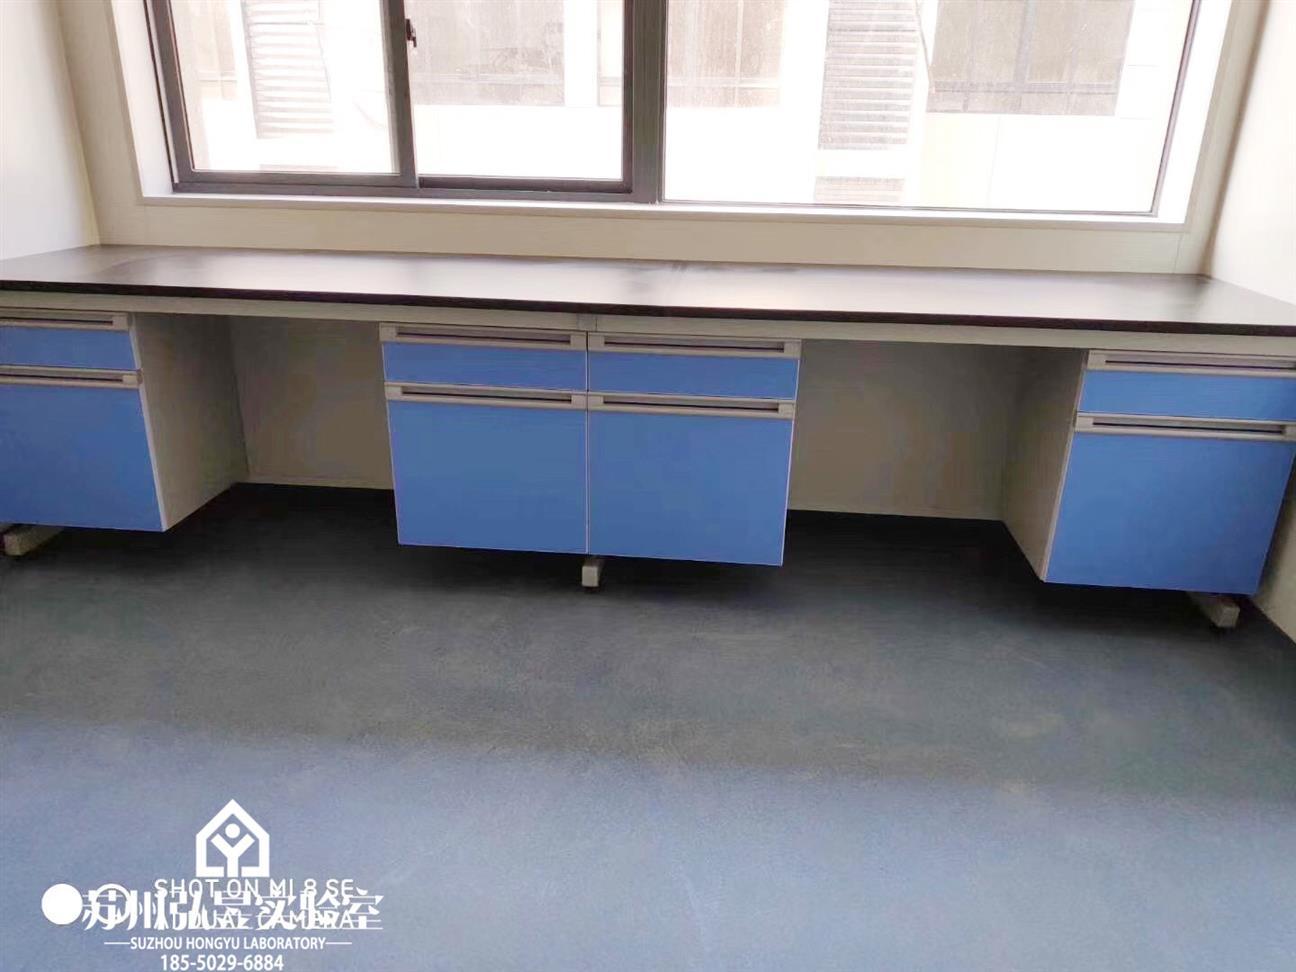 延安第三方检测实验室台面通风柜生产厂家 工作台台面 制造工艺优